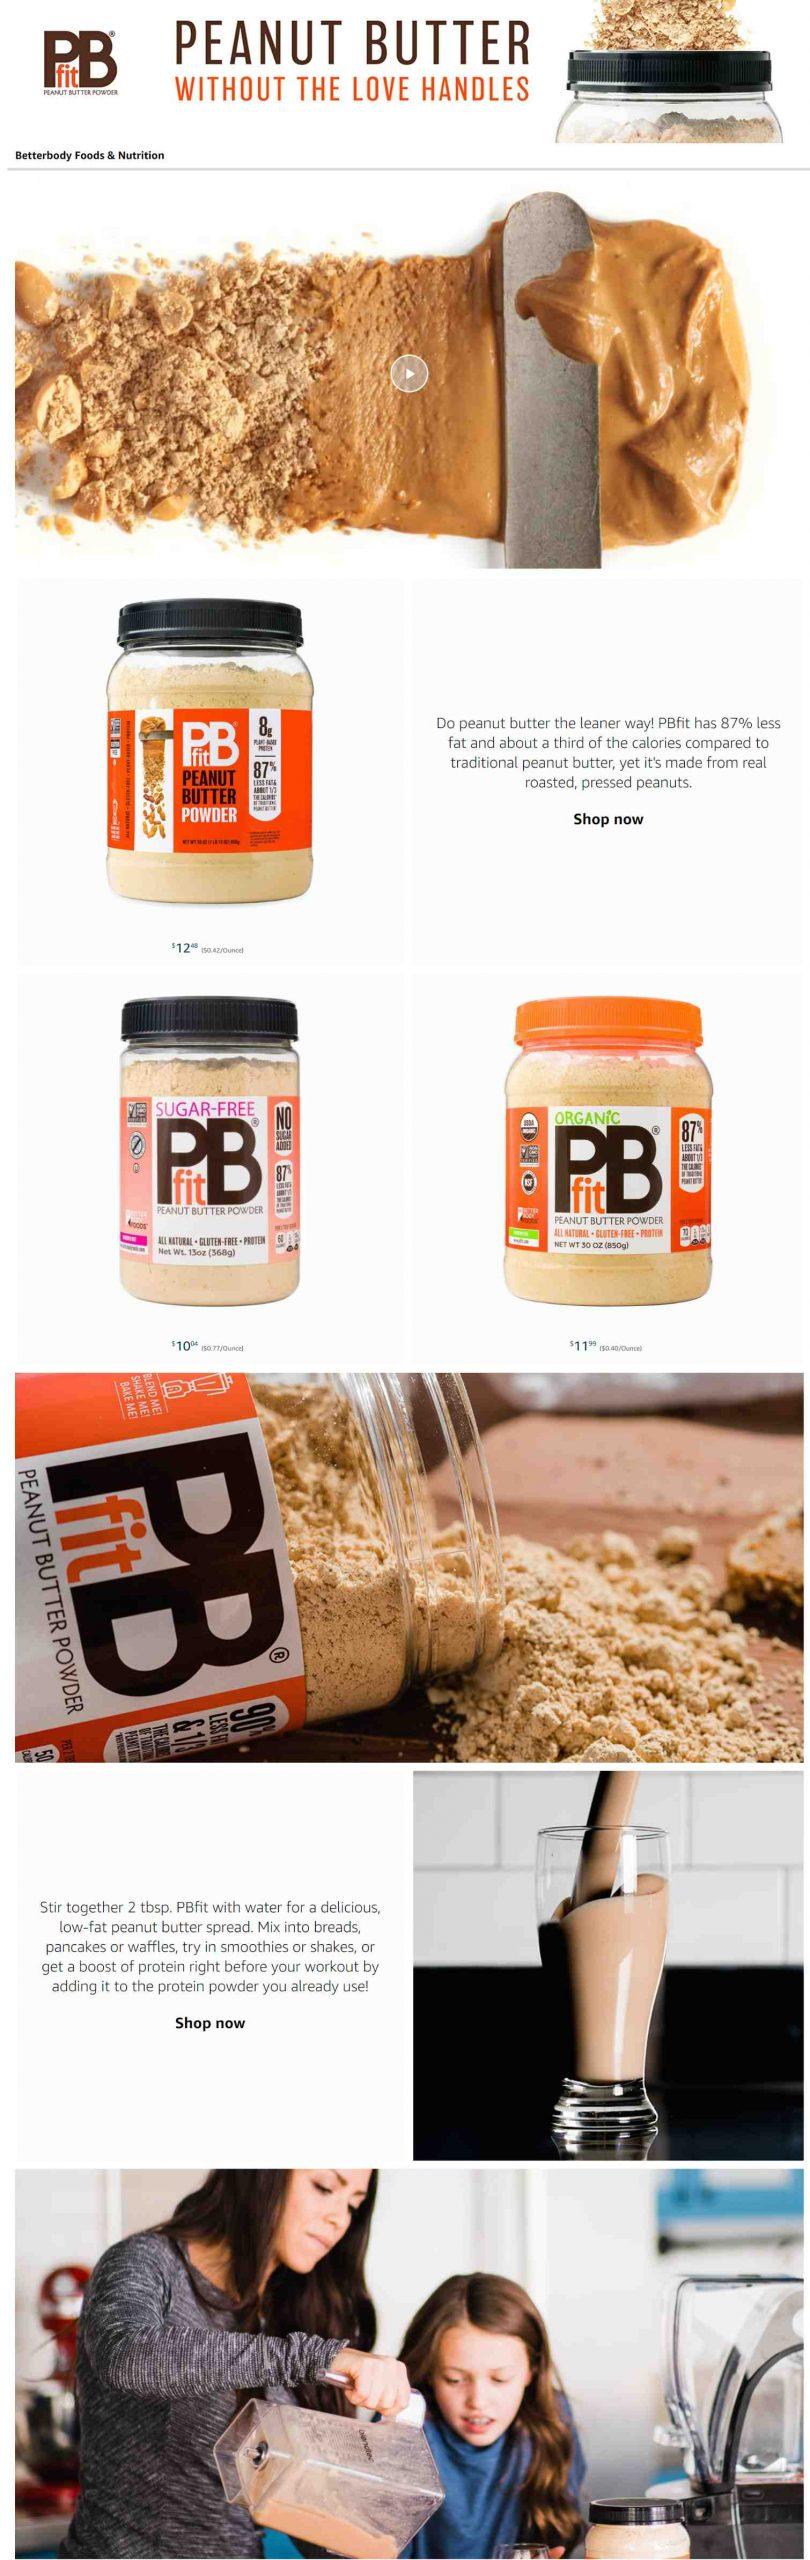 Amazon Storefront Example of PBfit